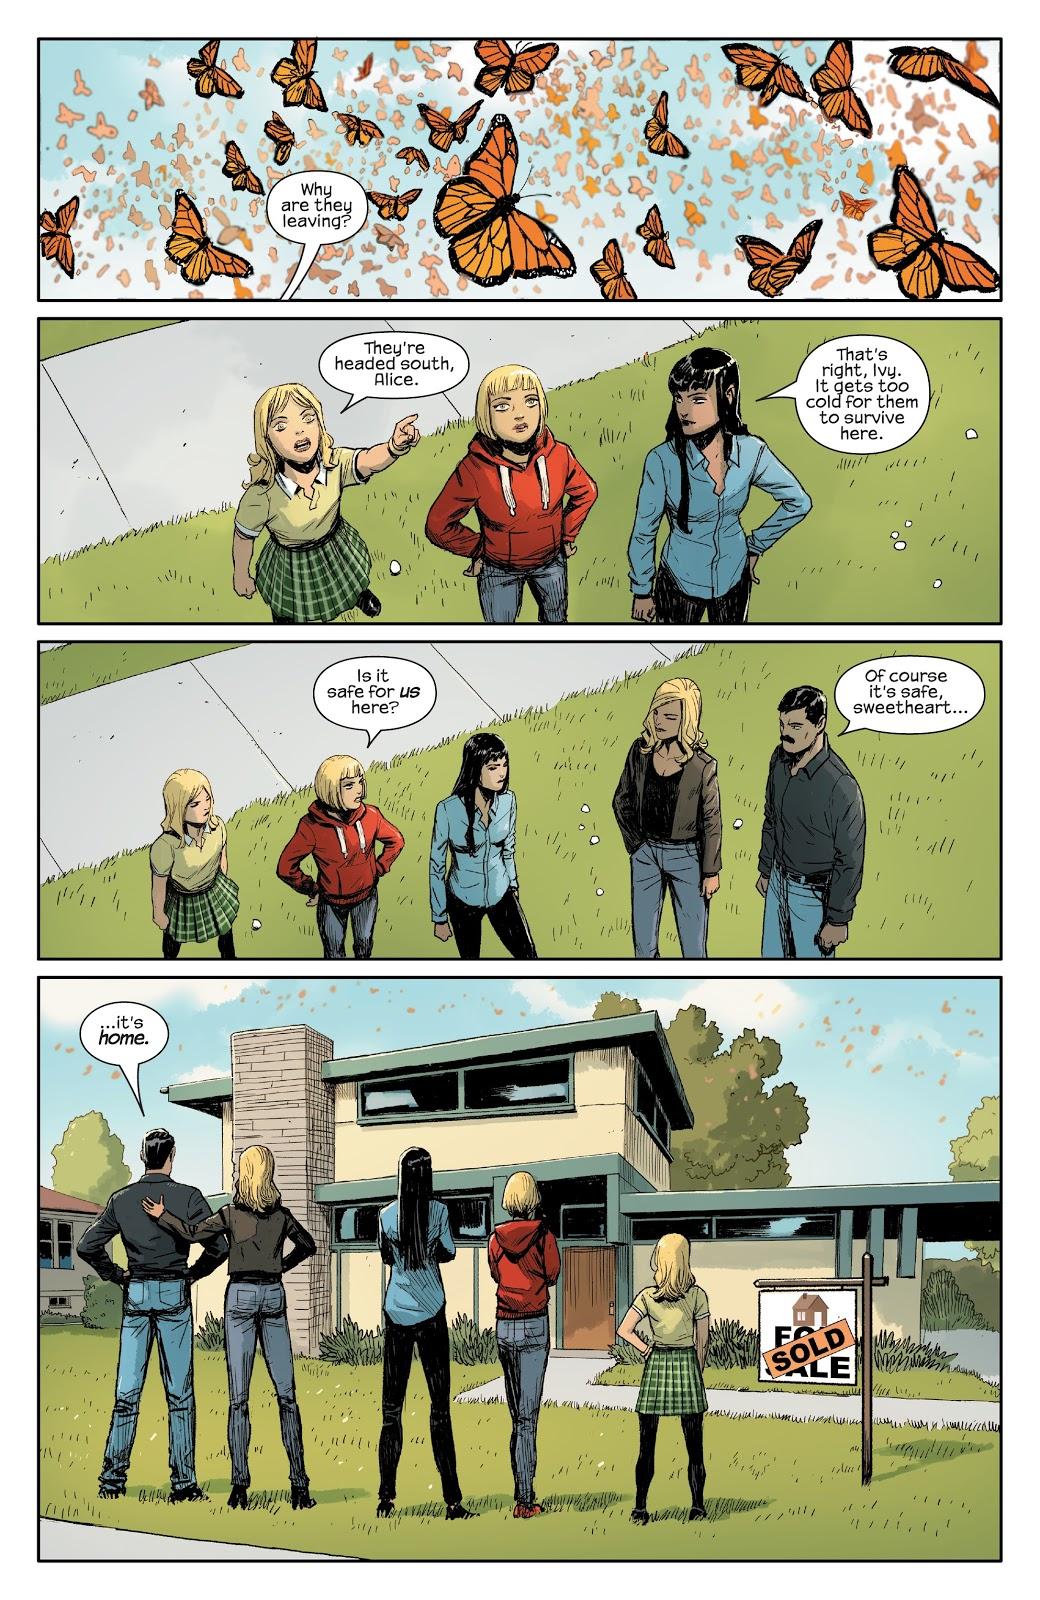 Зачем читать Meet the Skrulls? История осемье пришельцев-шпионов, скрывающихся наЗемле | Канобу - Изображение 1